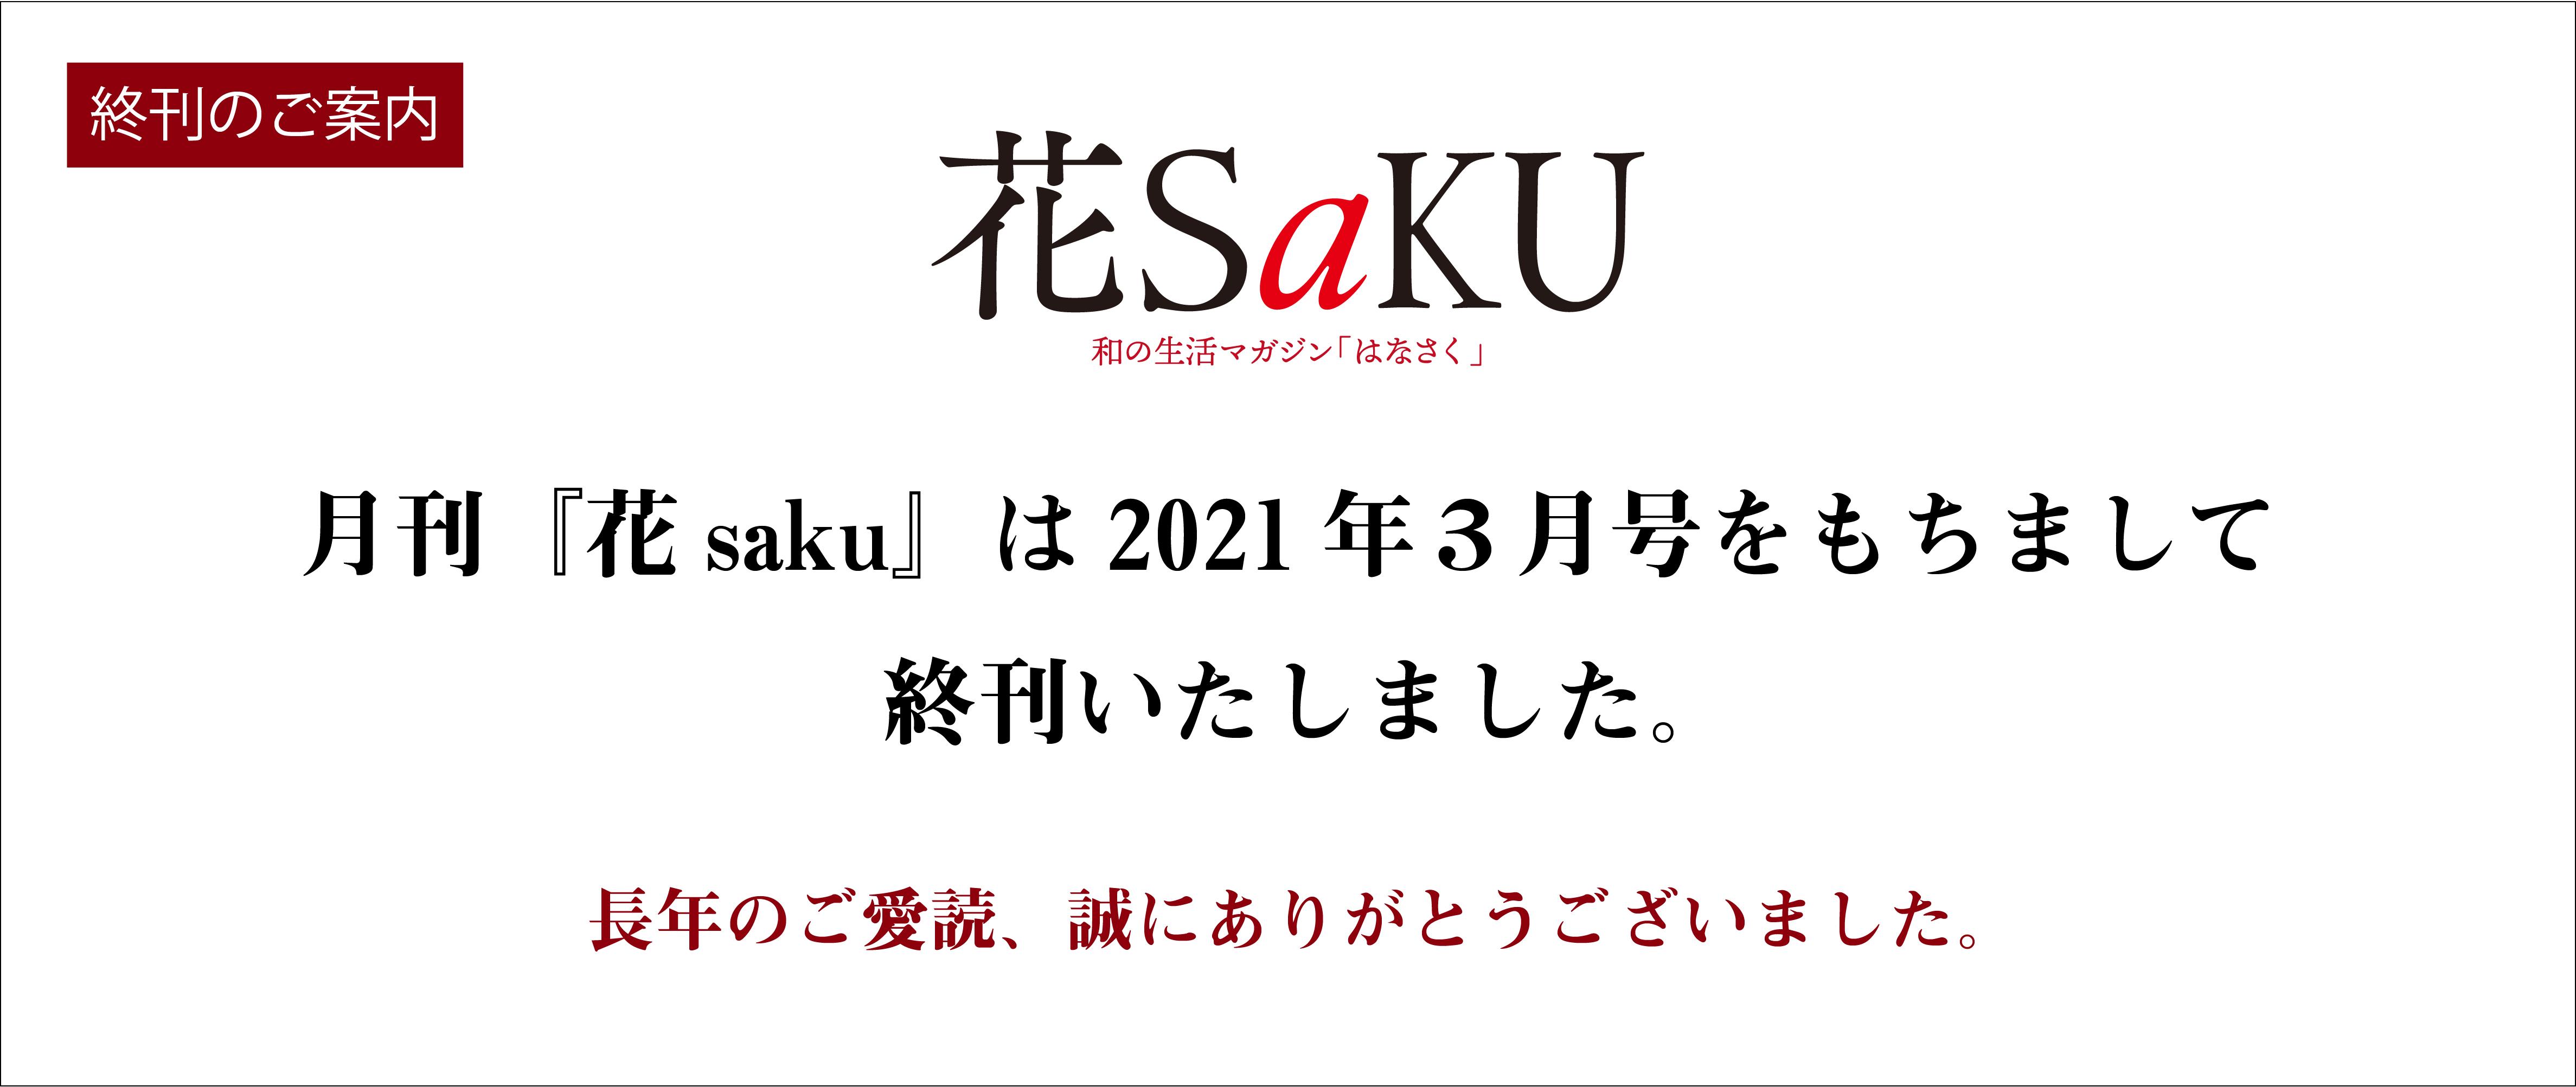 月刊『花saku』終刊のご案内